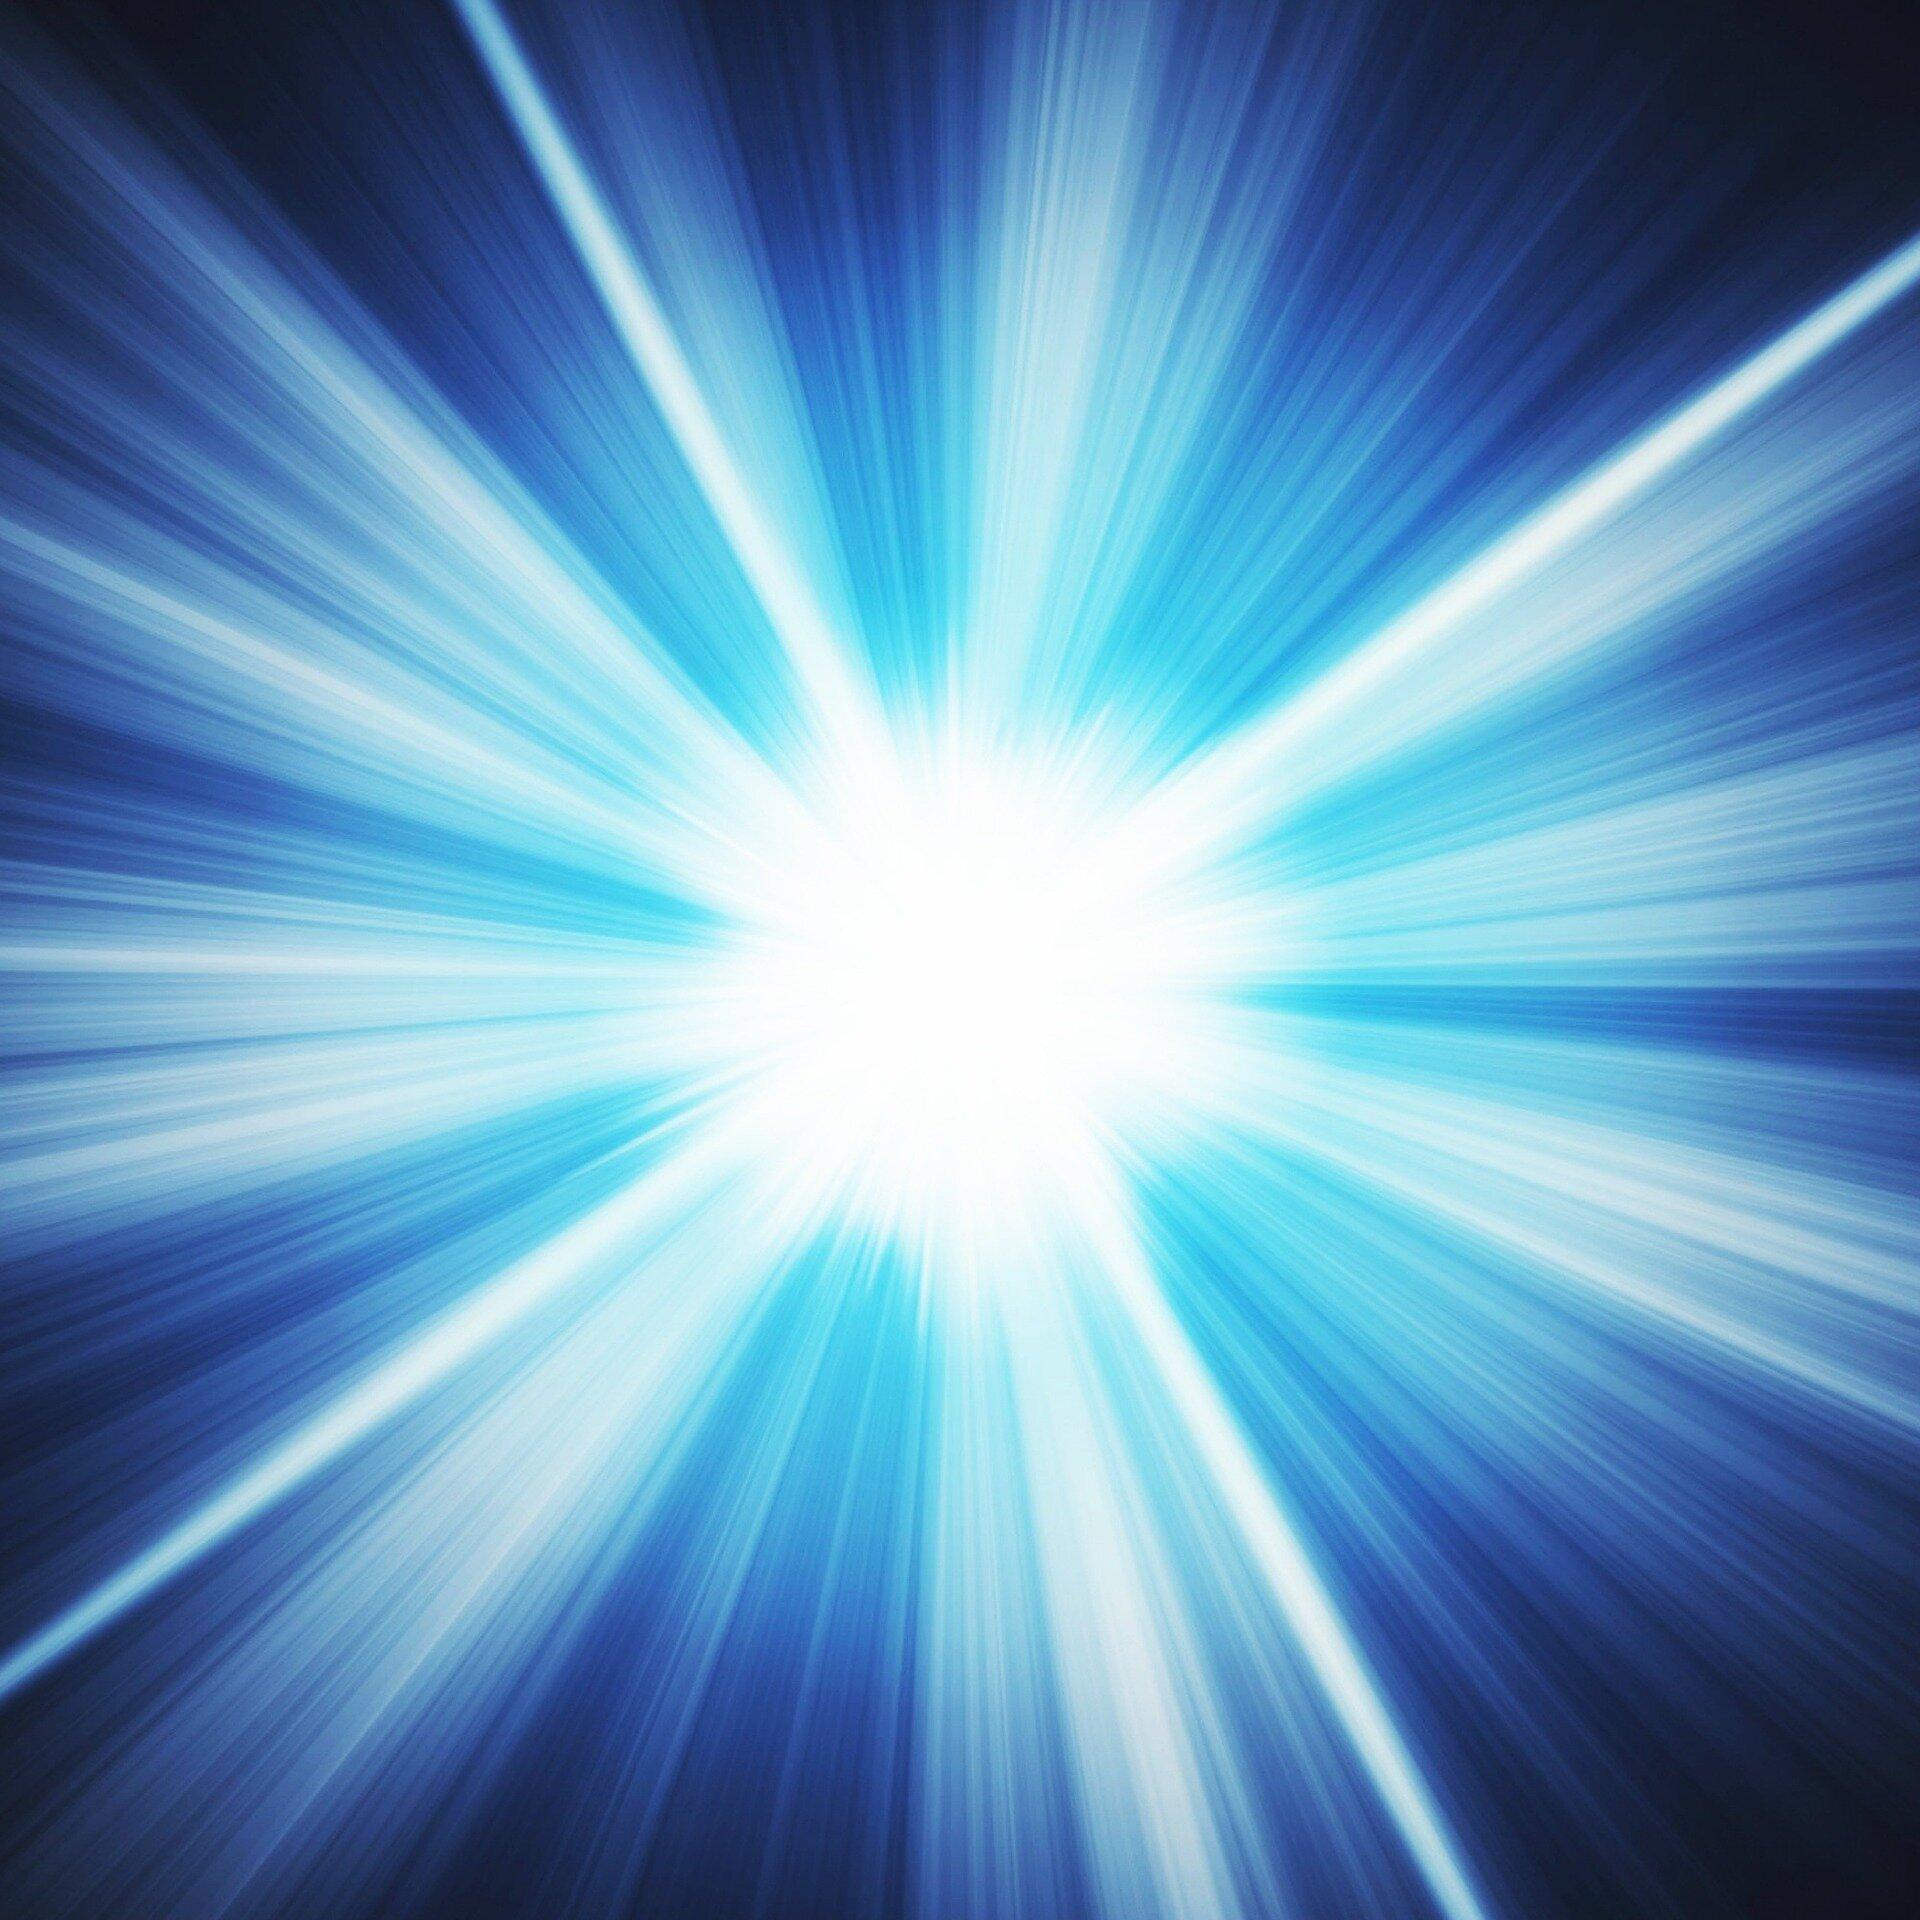 light-734436_1920.jpg